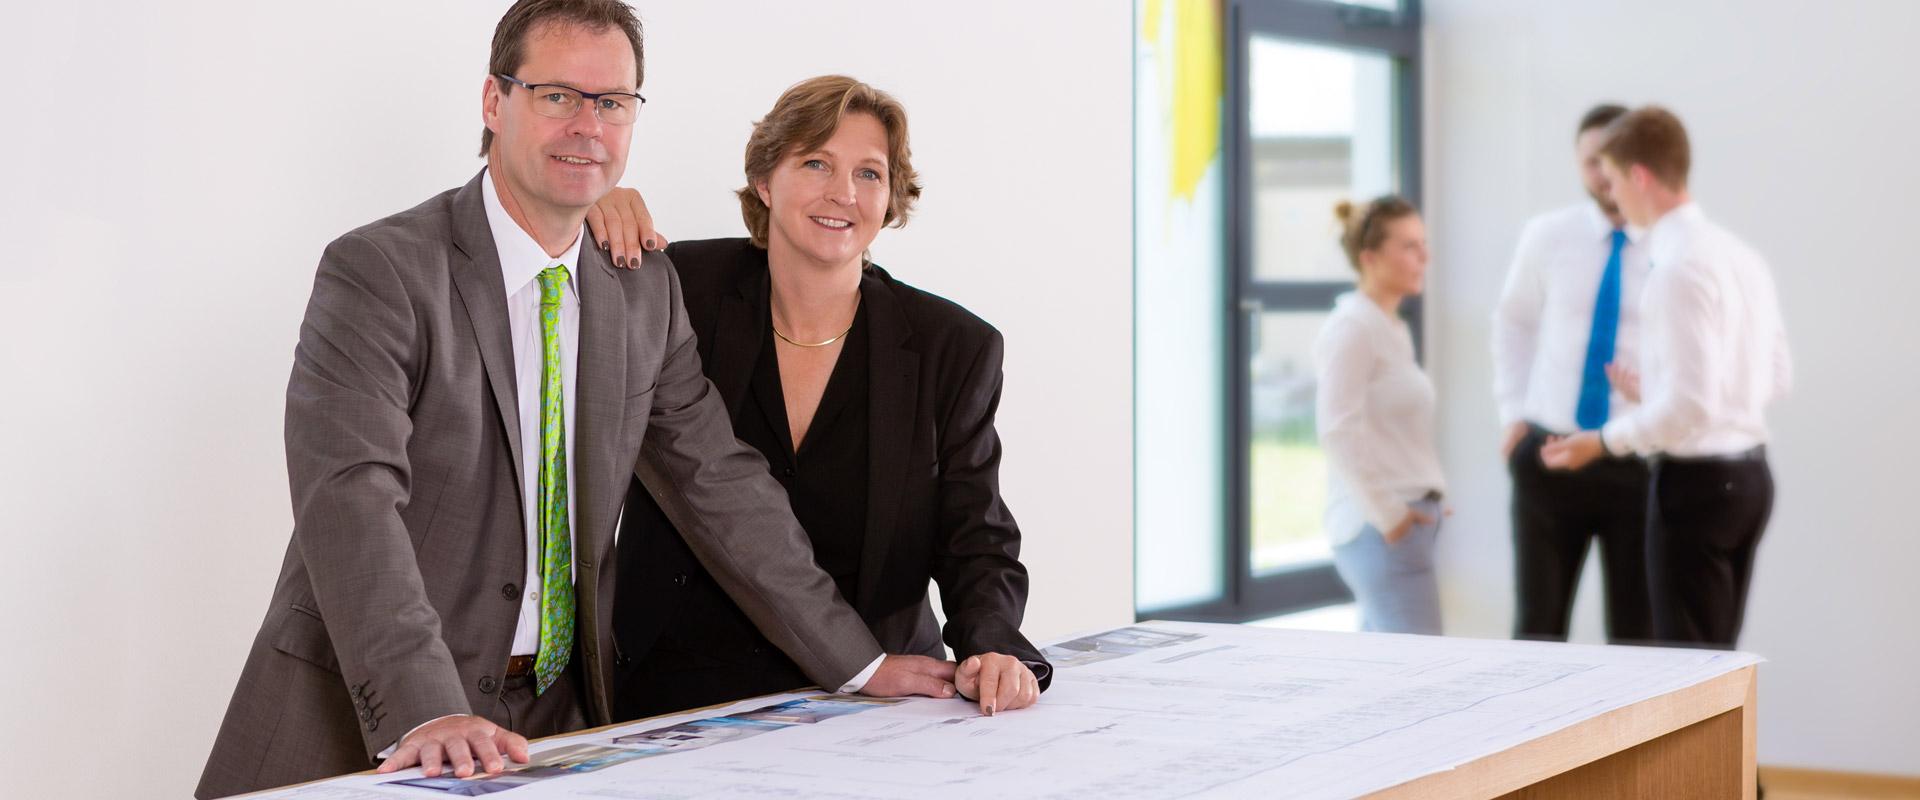 Robert und Isabel Wiehosky, Podufal - Wiehofsky Partmb, Architekten und Ingenieure, Generalplanung